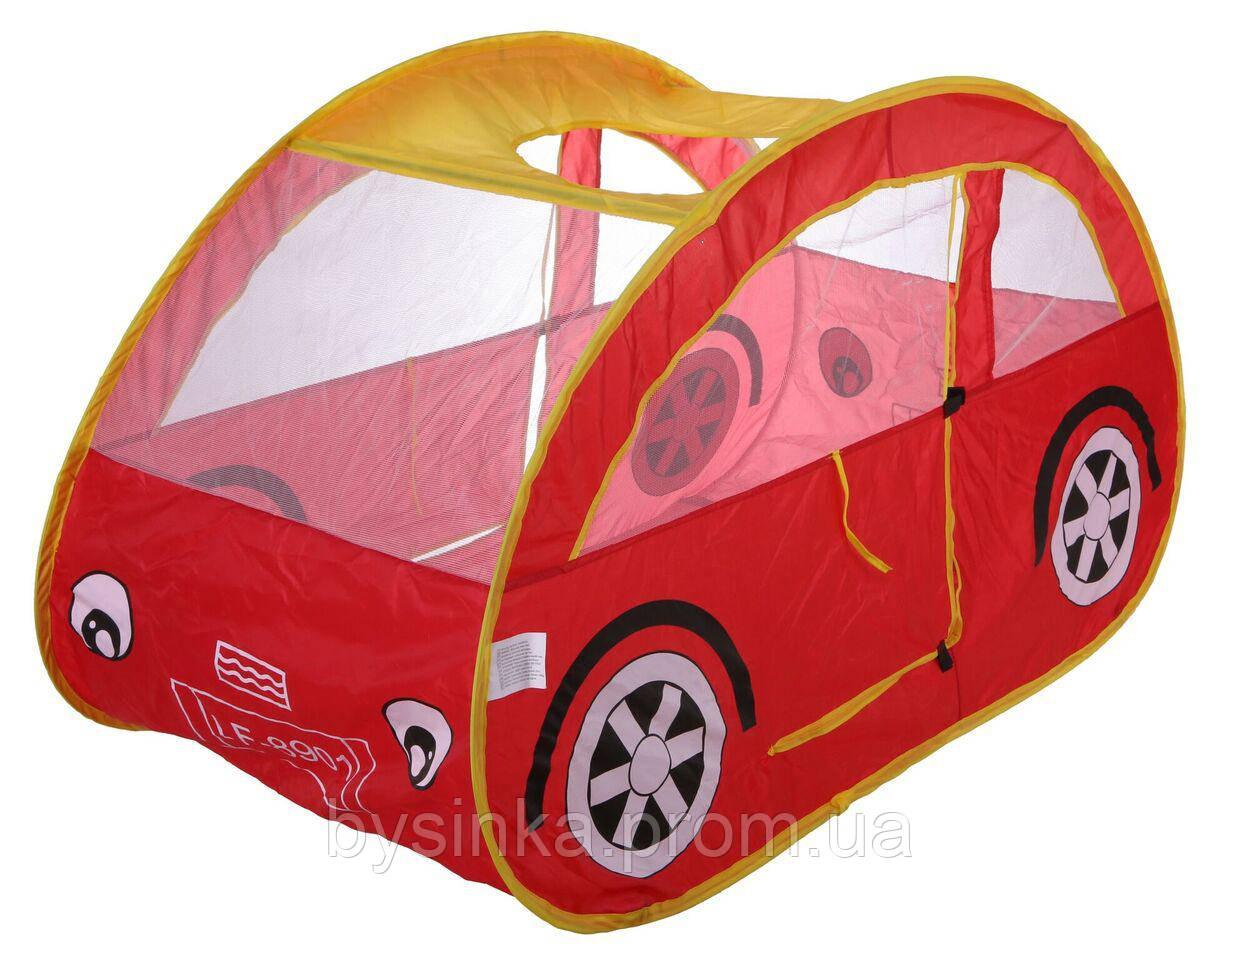 Игровая палатка для детей «Автомобиль I-Play».